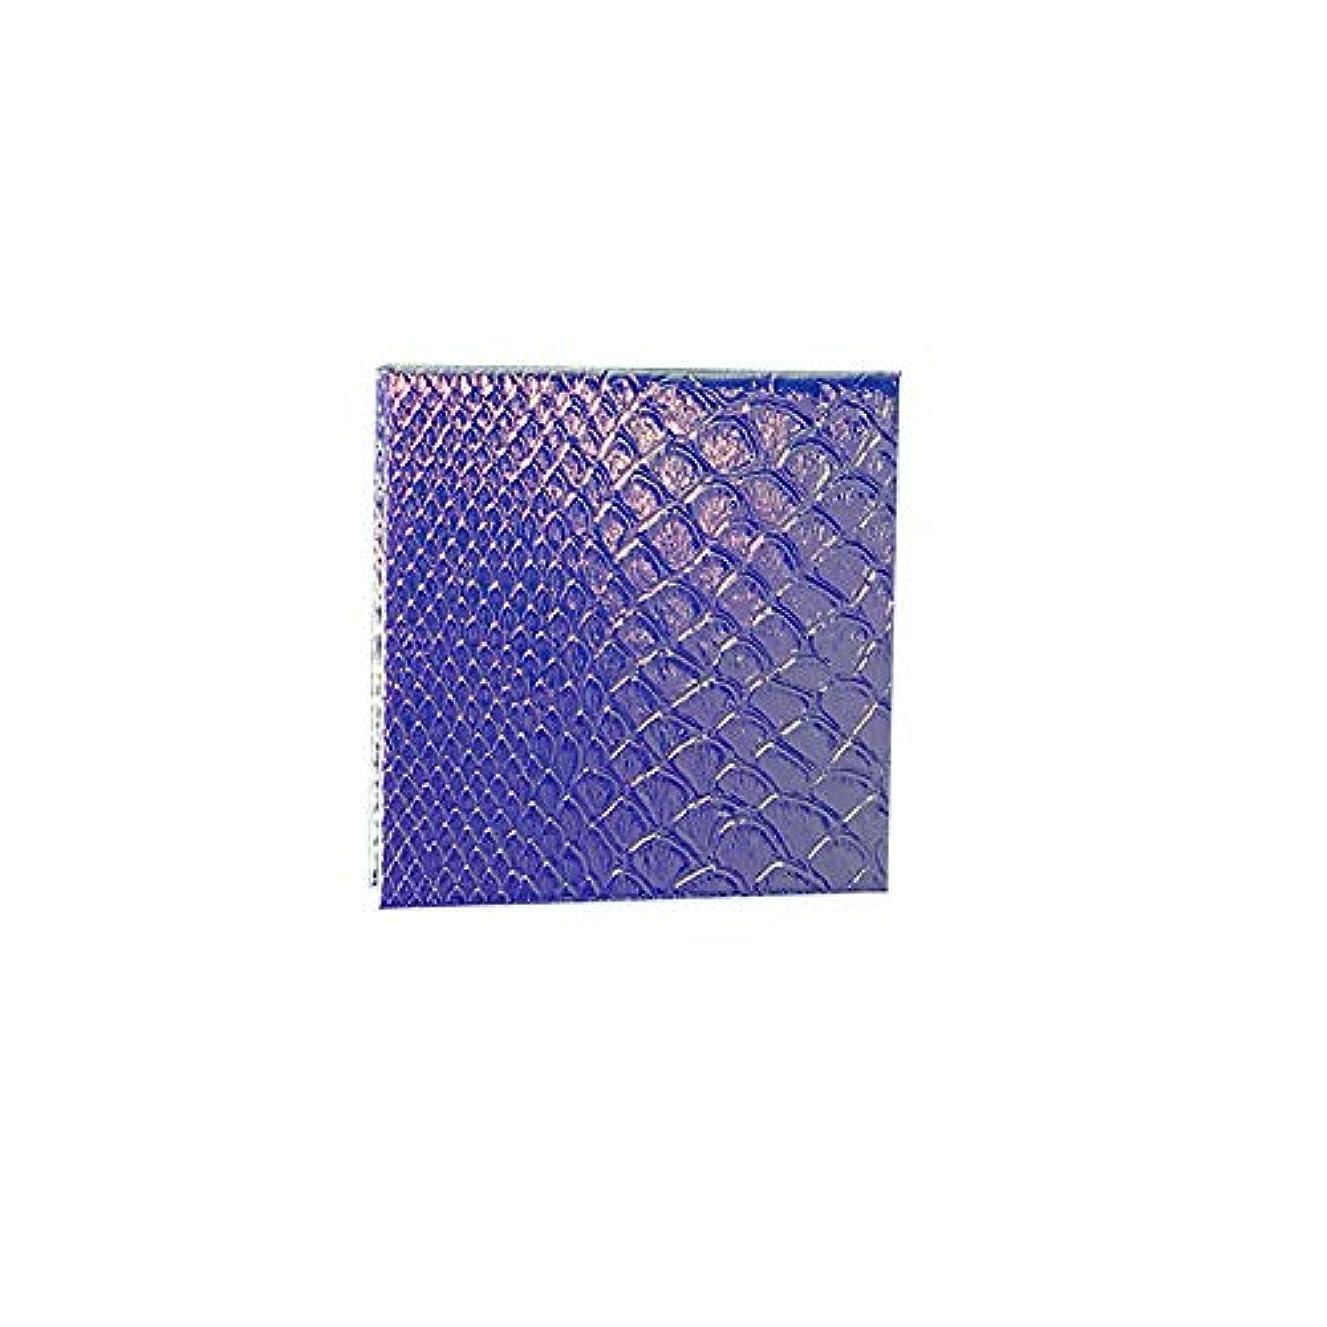 開梱ハチインシデント空の化粧アイシャドーパレット磁気空パレット接着剤空のパレット金属ステッカー空のパレットキット(S)